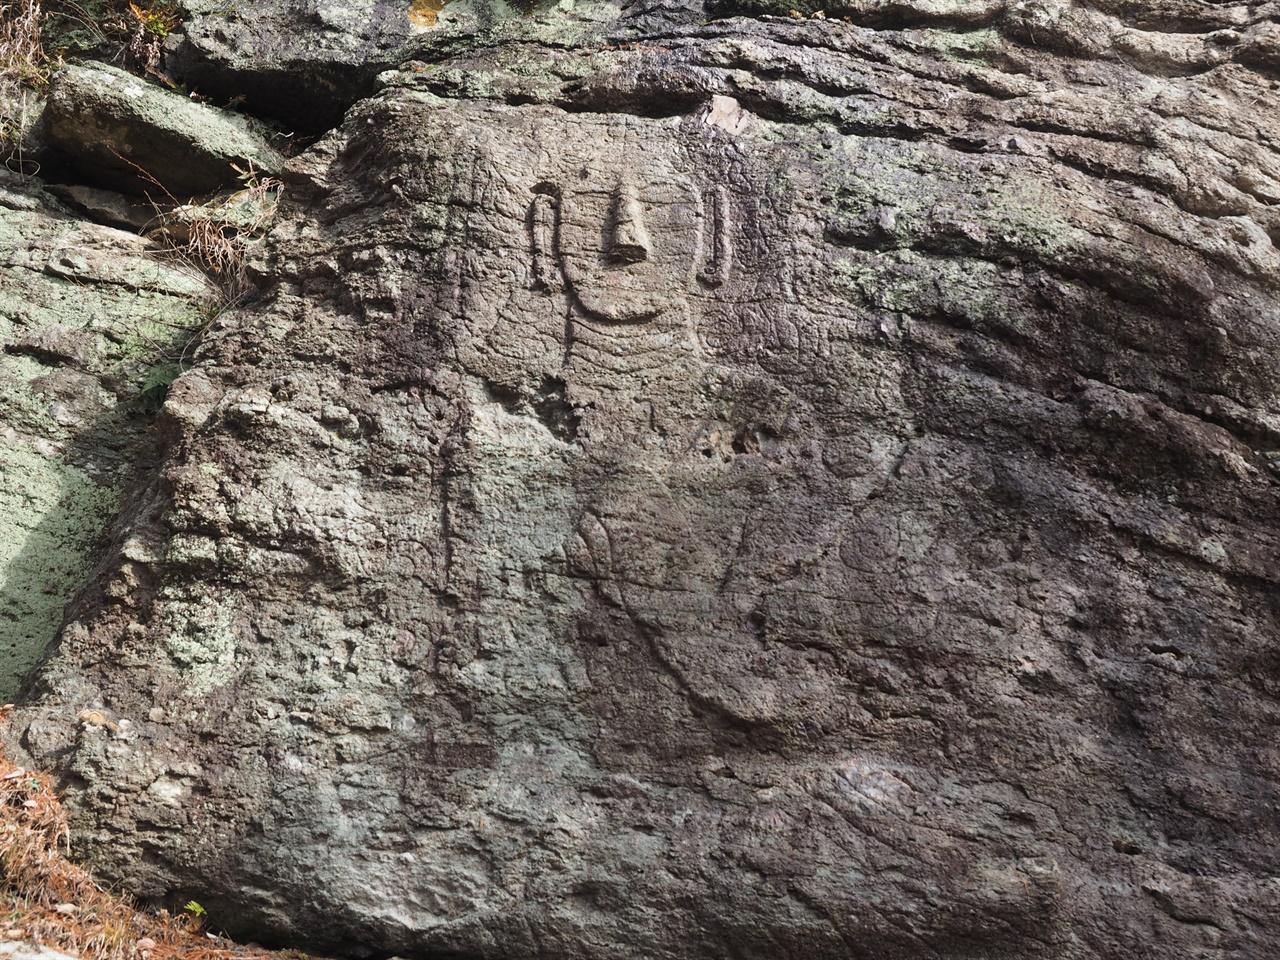 화순 운주사 마애여래좌상 대웅전으로부터 북쪽으로 40미터 떨어져 있는 거대한 바위 벼랑에 새겨져 있다. 운주사 석불군 중 유일한 마애불이다.